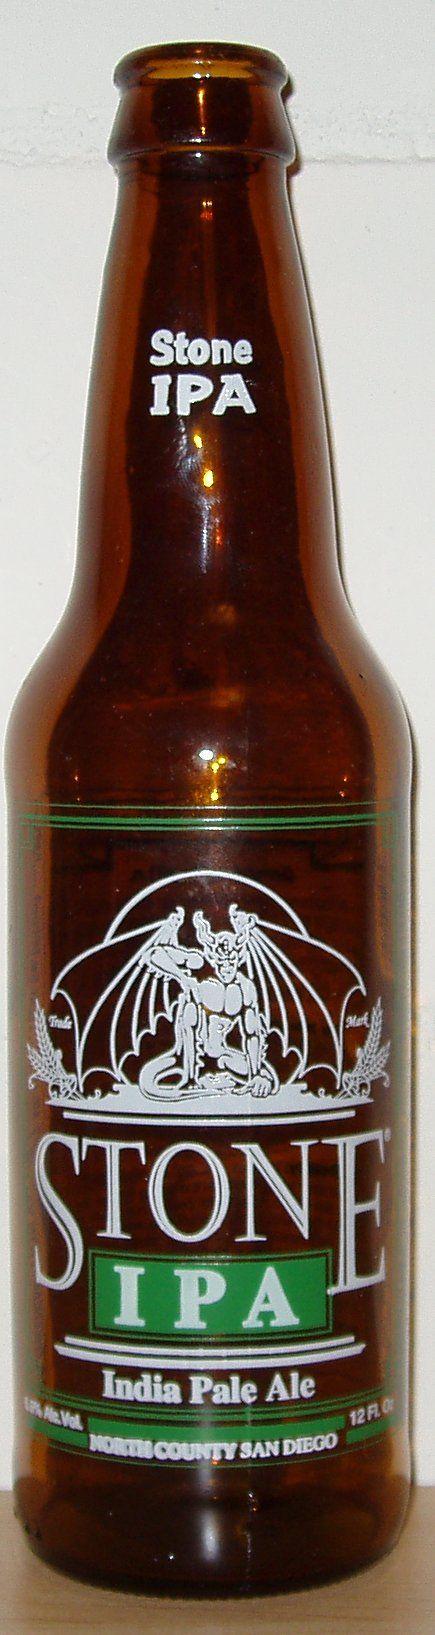 Stone, India Pale Ale